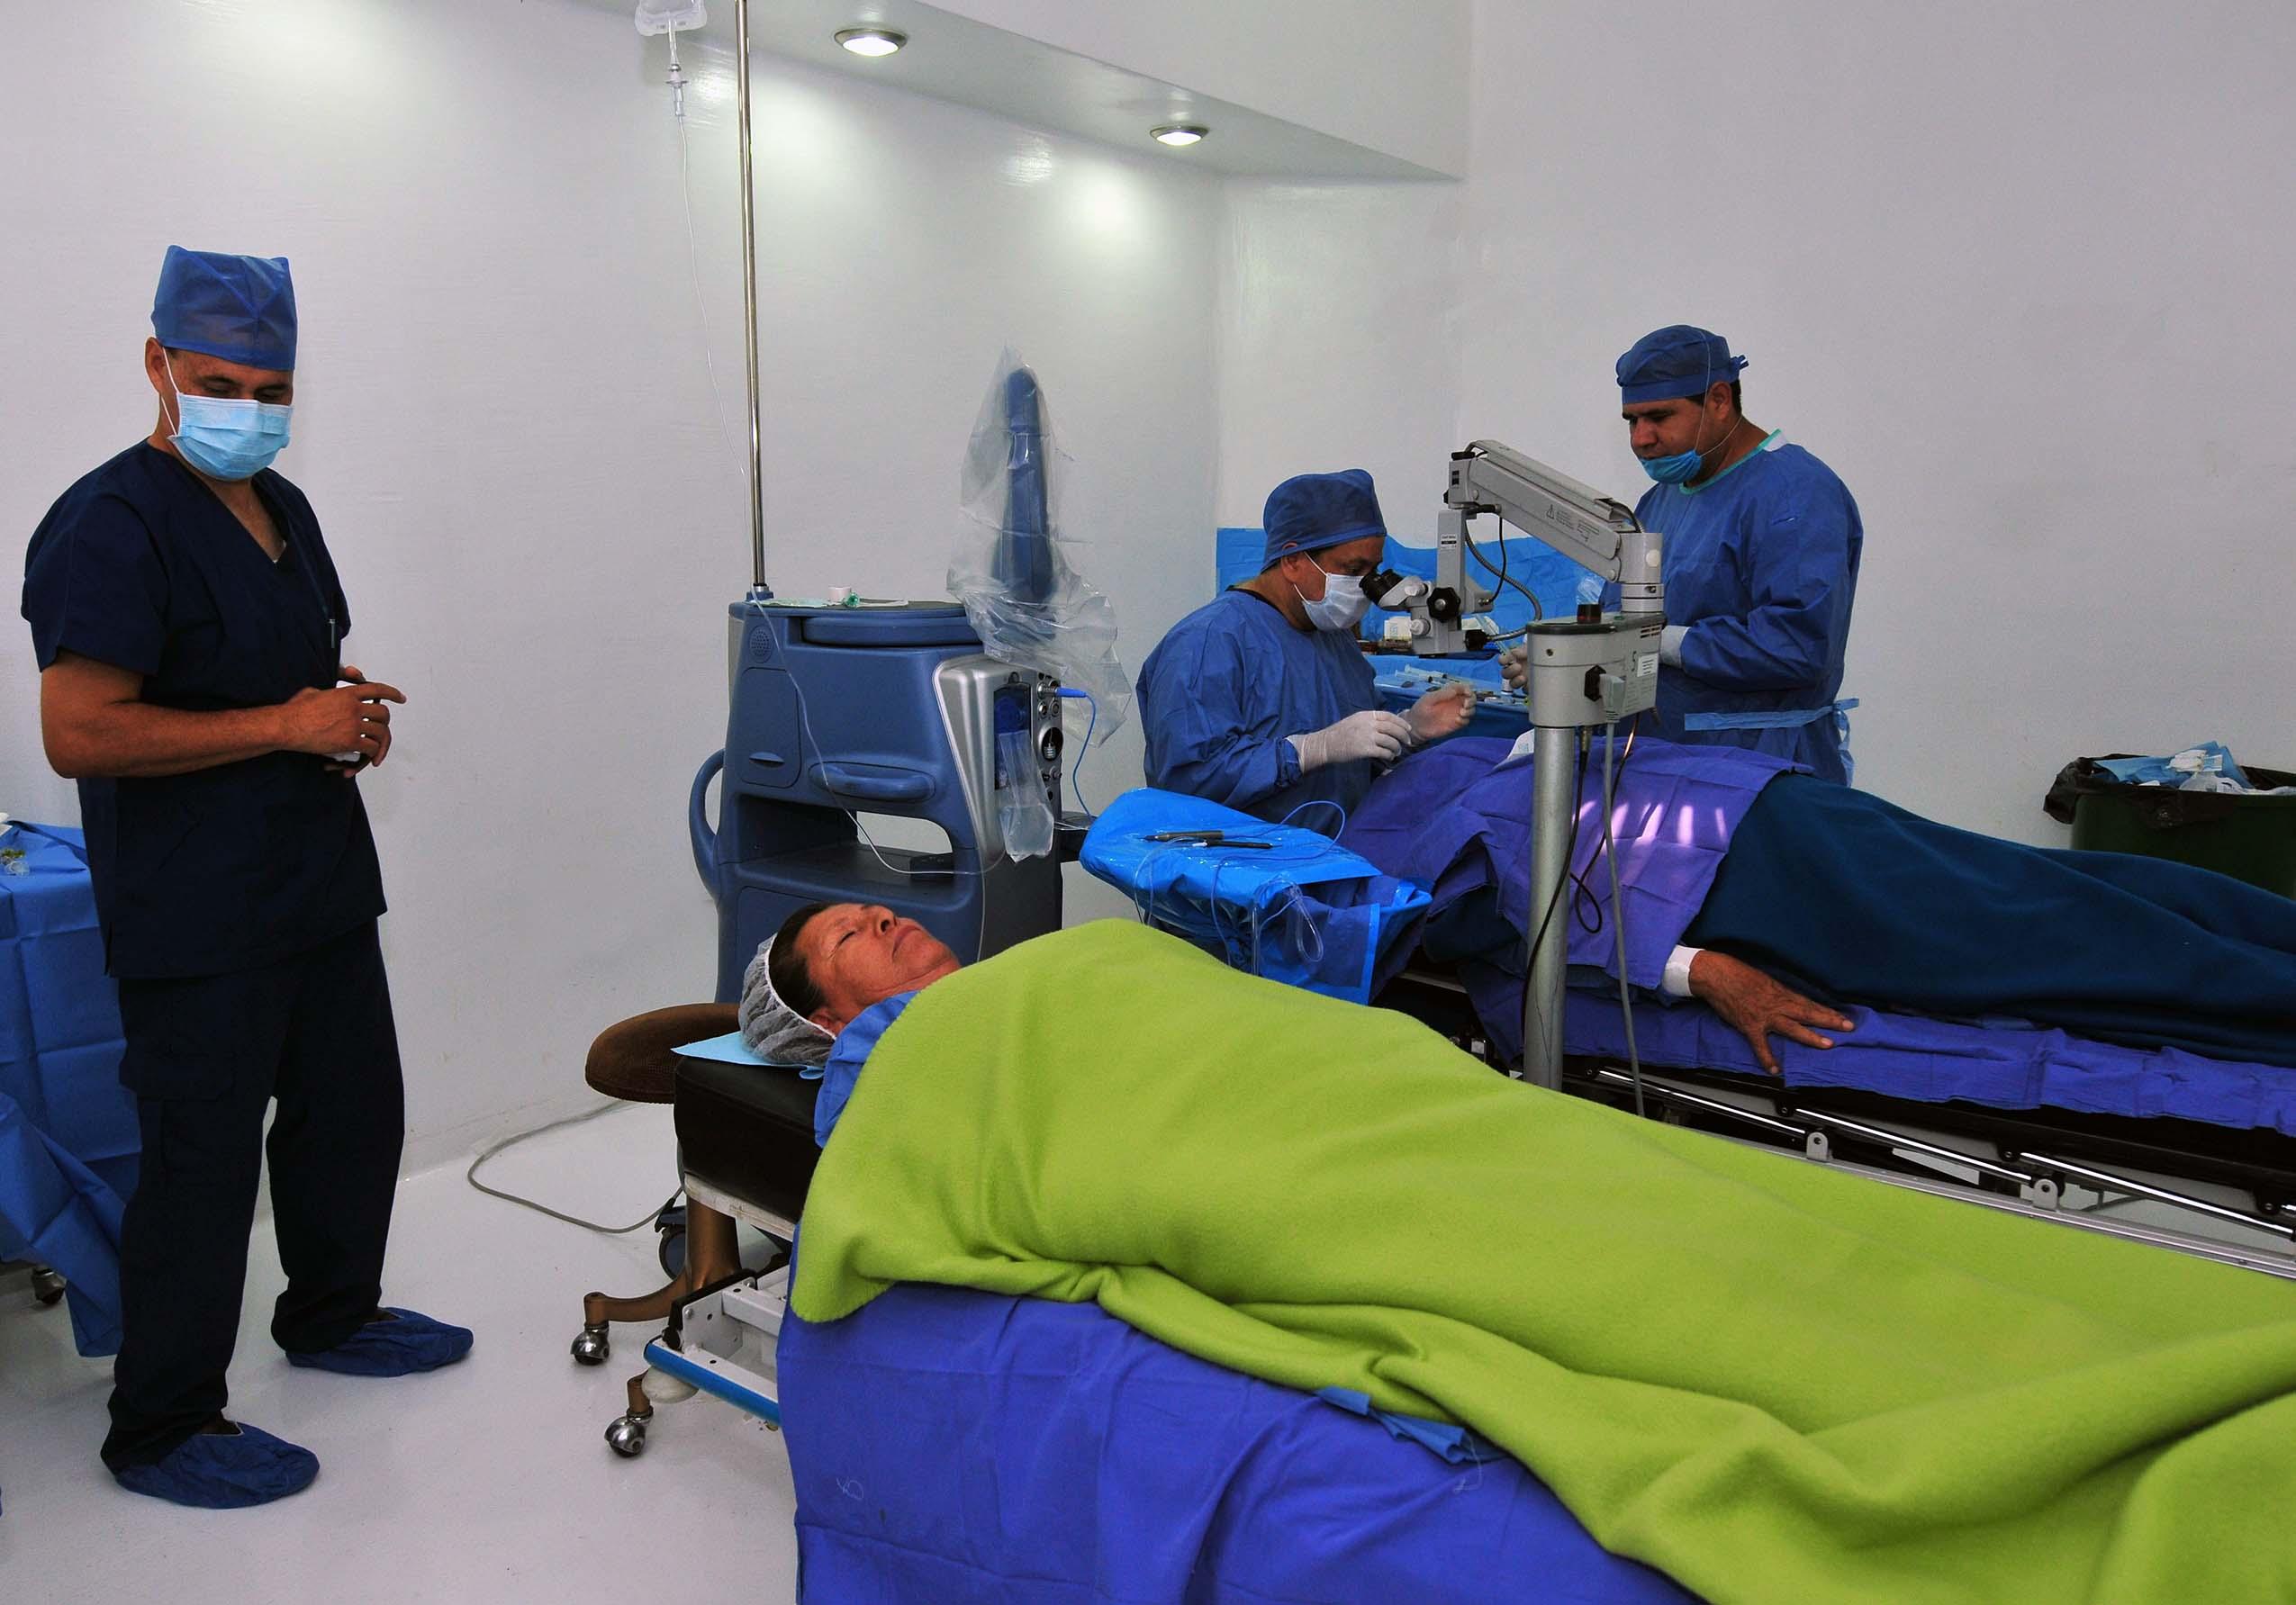 Jornadas de cirugías extramuros garantizan el derecho a la salud